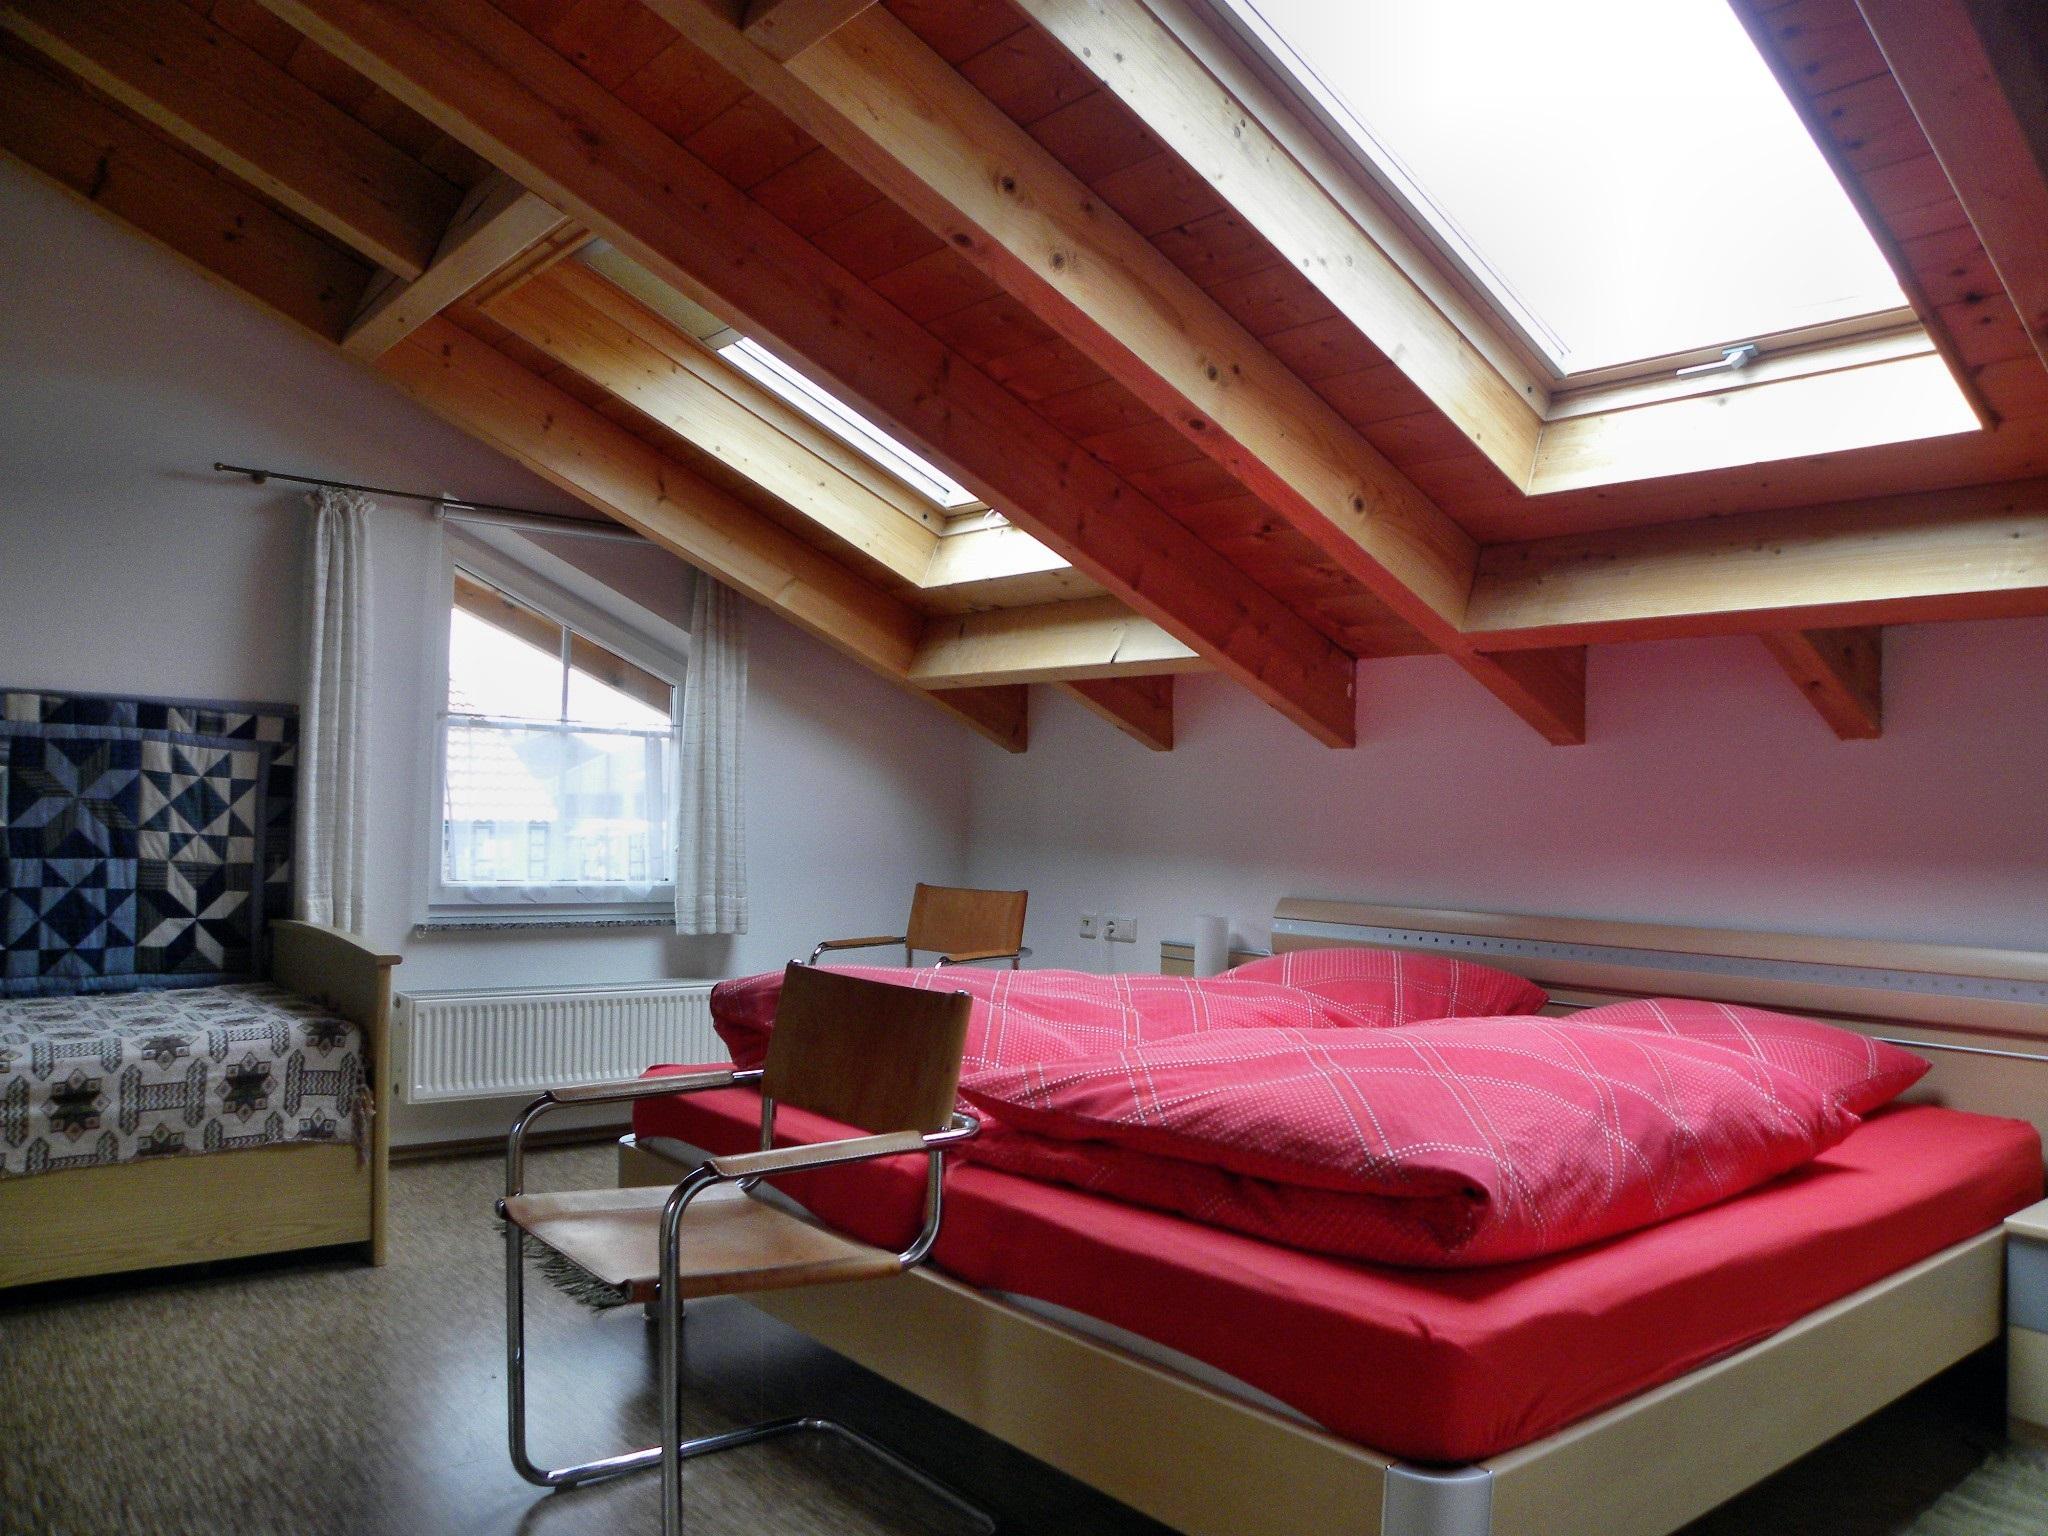 velte renate u lothar de grassau ferienwohnung 64 qm f 2 4 pers wohnzi mit schlafcouch. Black Bedroom Furniture Sets. Home Design Ideas